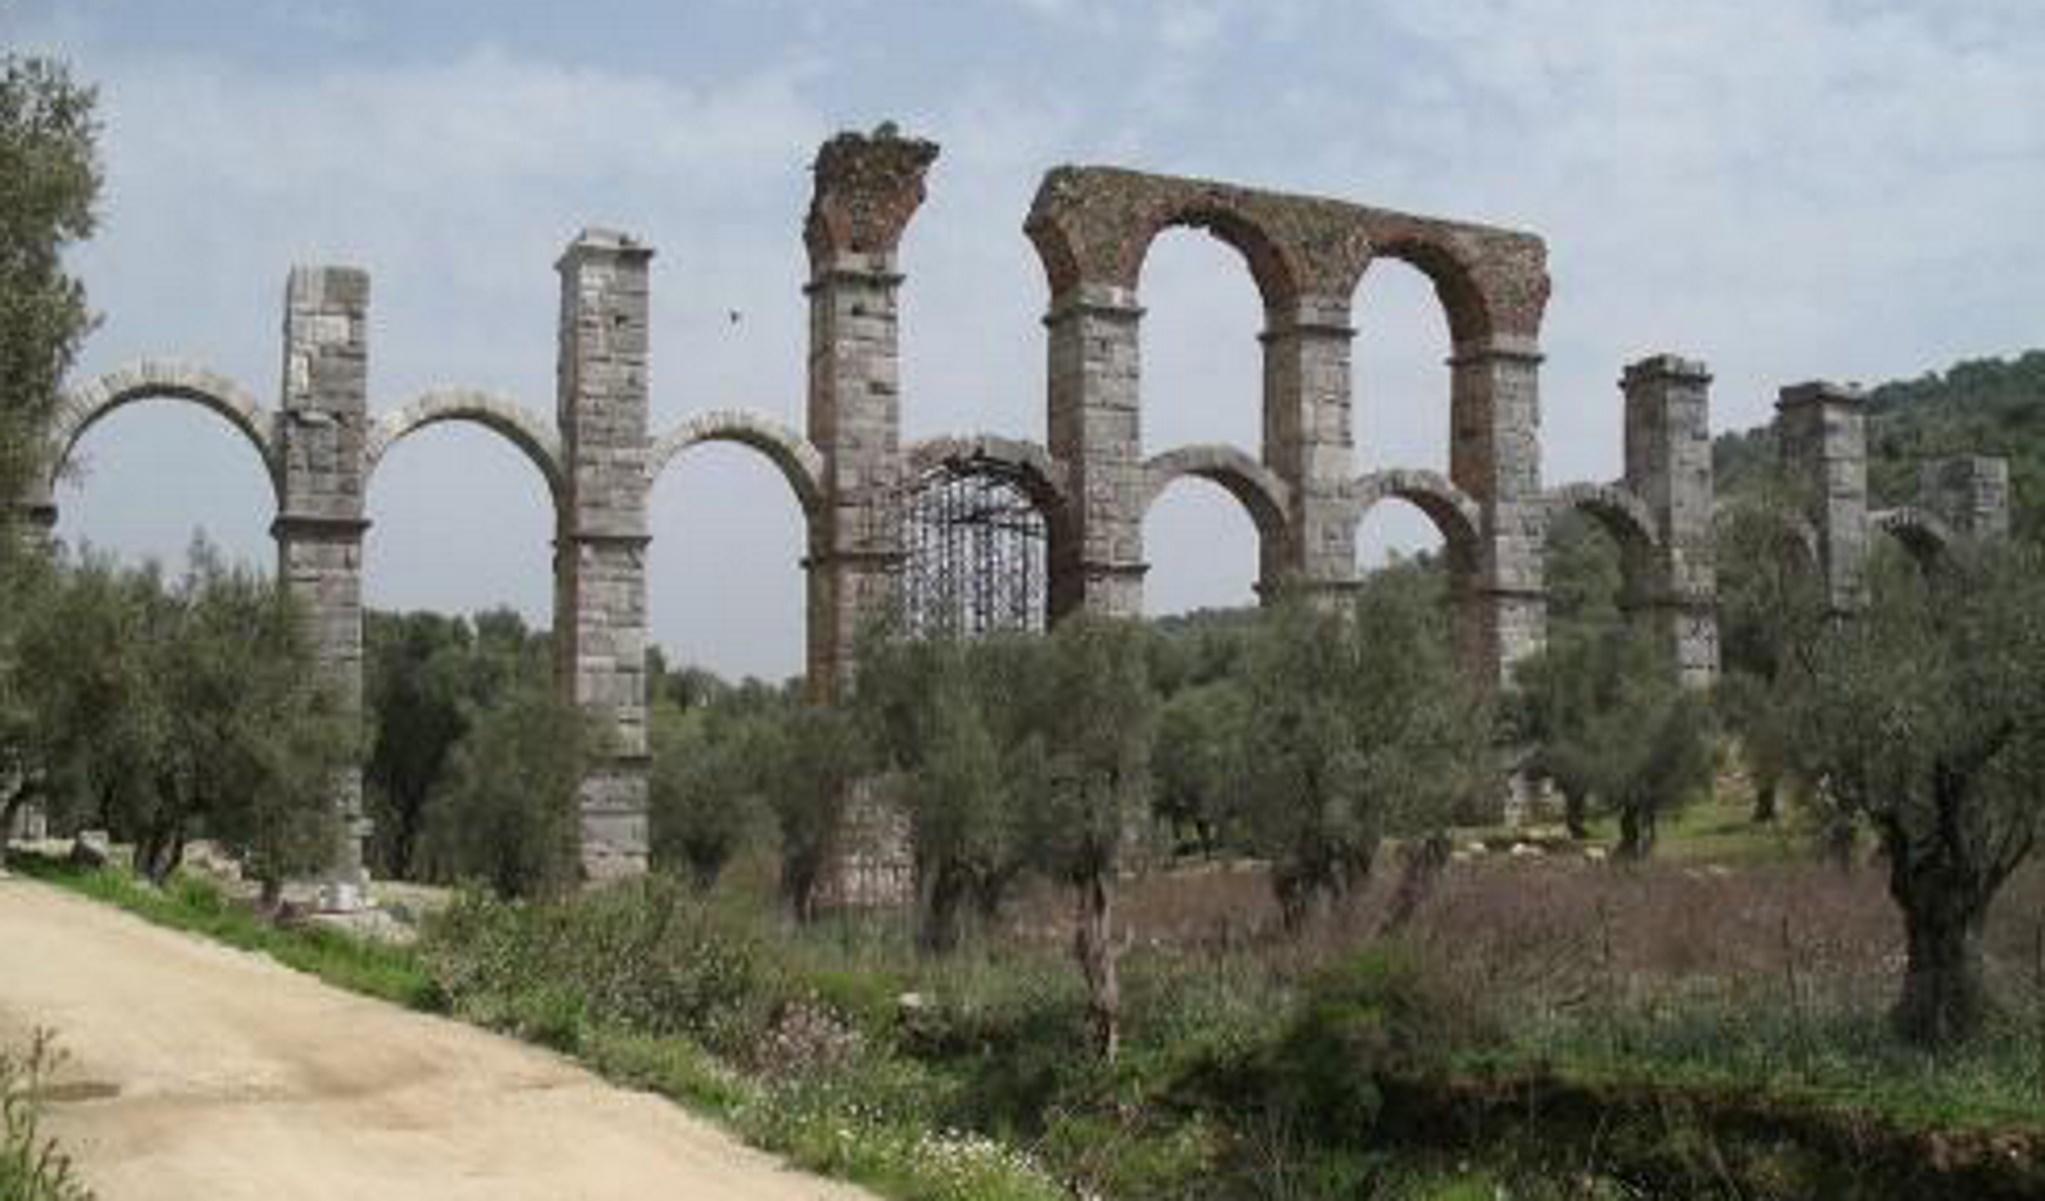 Ρωμαϊκό υδραγωγείο Μόριας: Αποκαθίσταται ένα από σπουδαιότερα έργα της αρχαιότητας (pics)